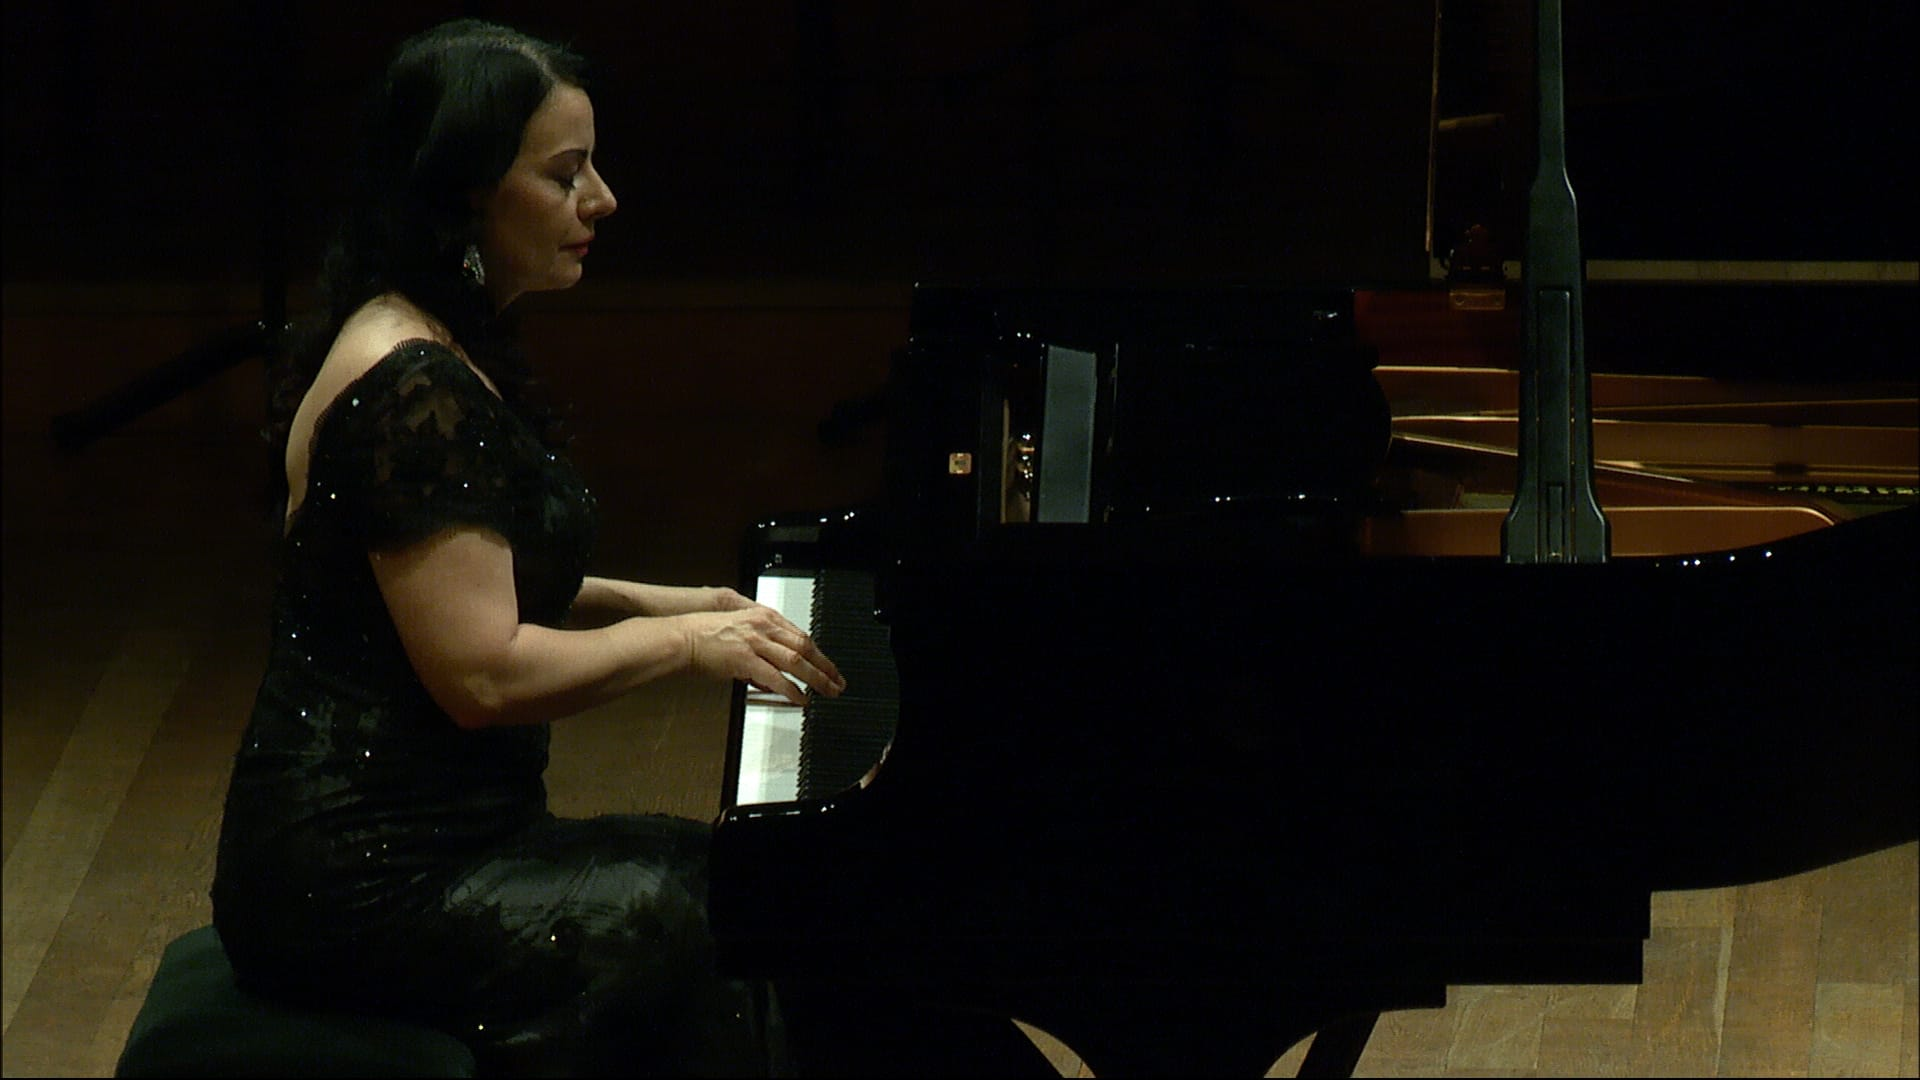 Šostakovič / Cikker / Liszt / Chopin